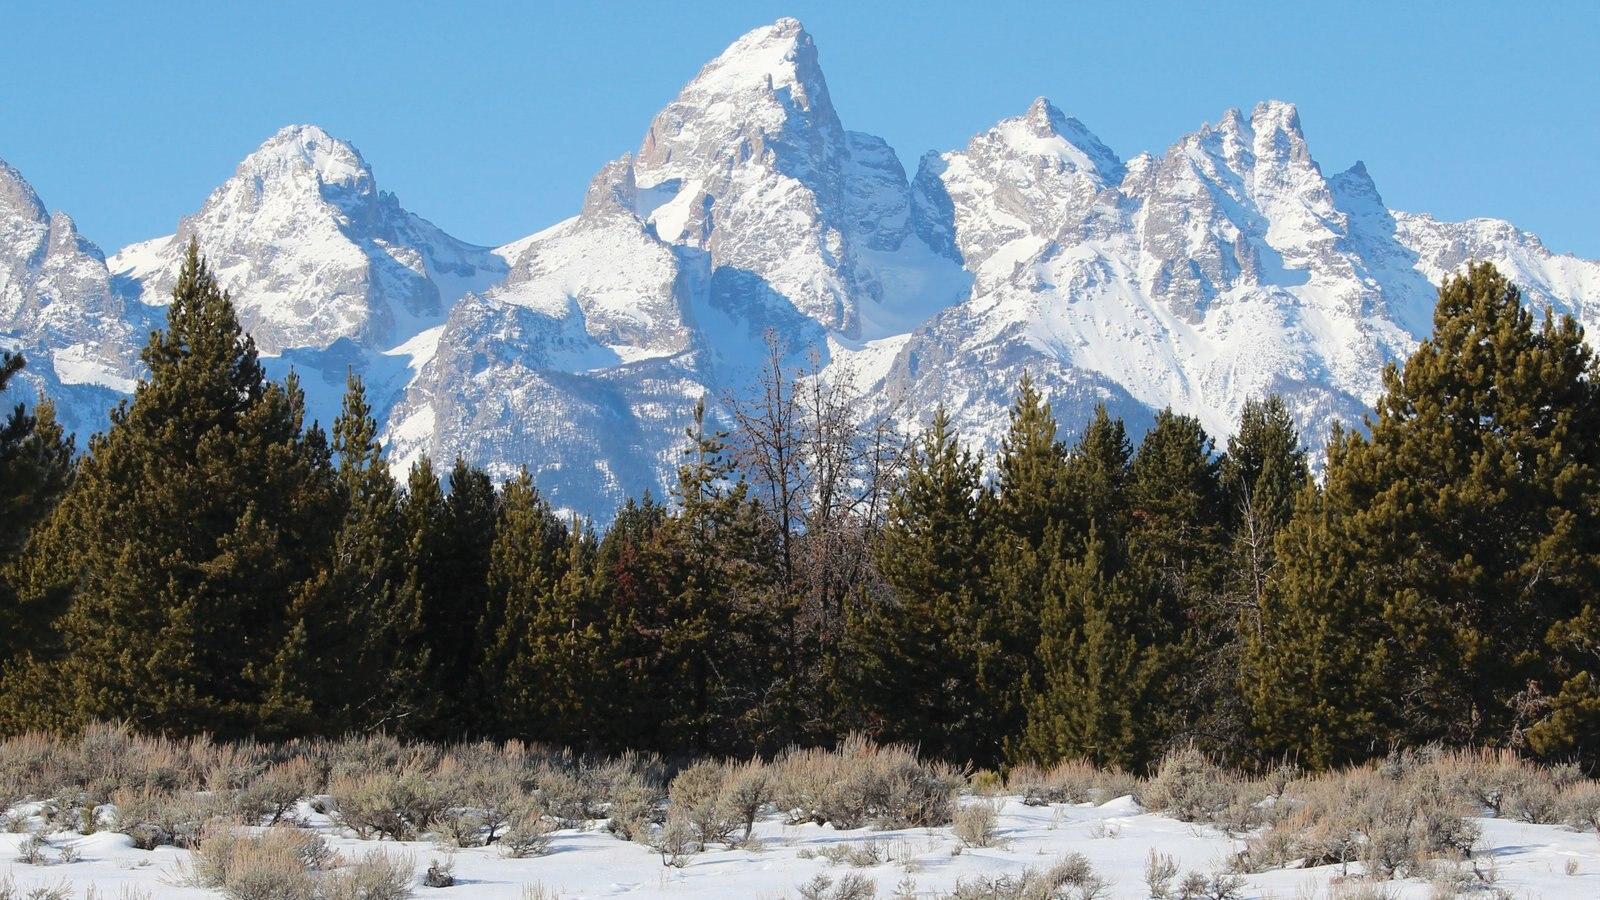 Jackson Hole ofreciendo nieve, montañas y vistas de paisajes